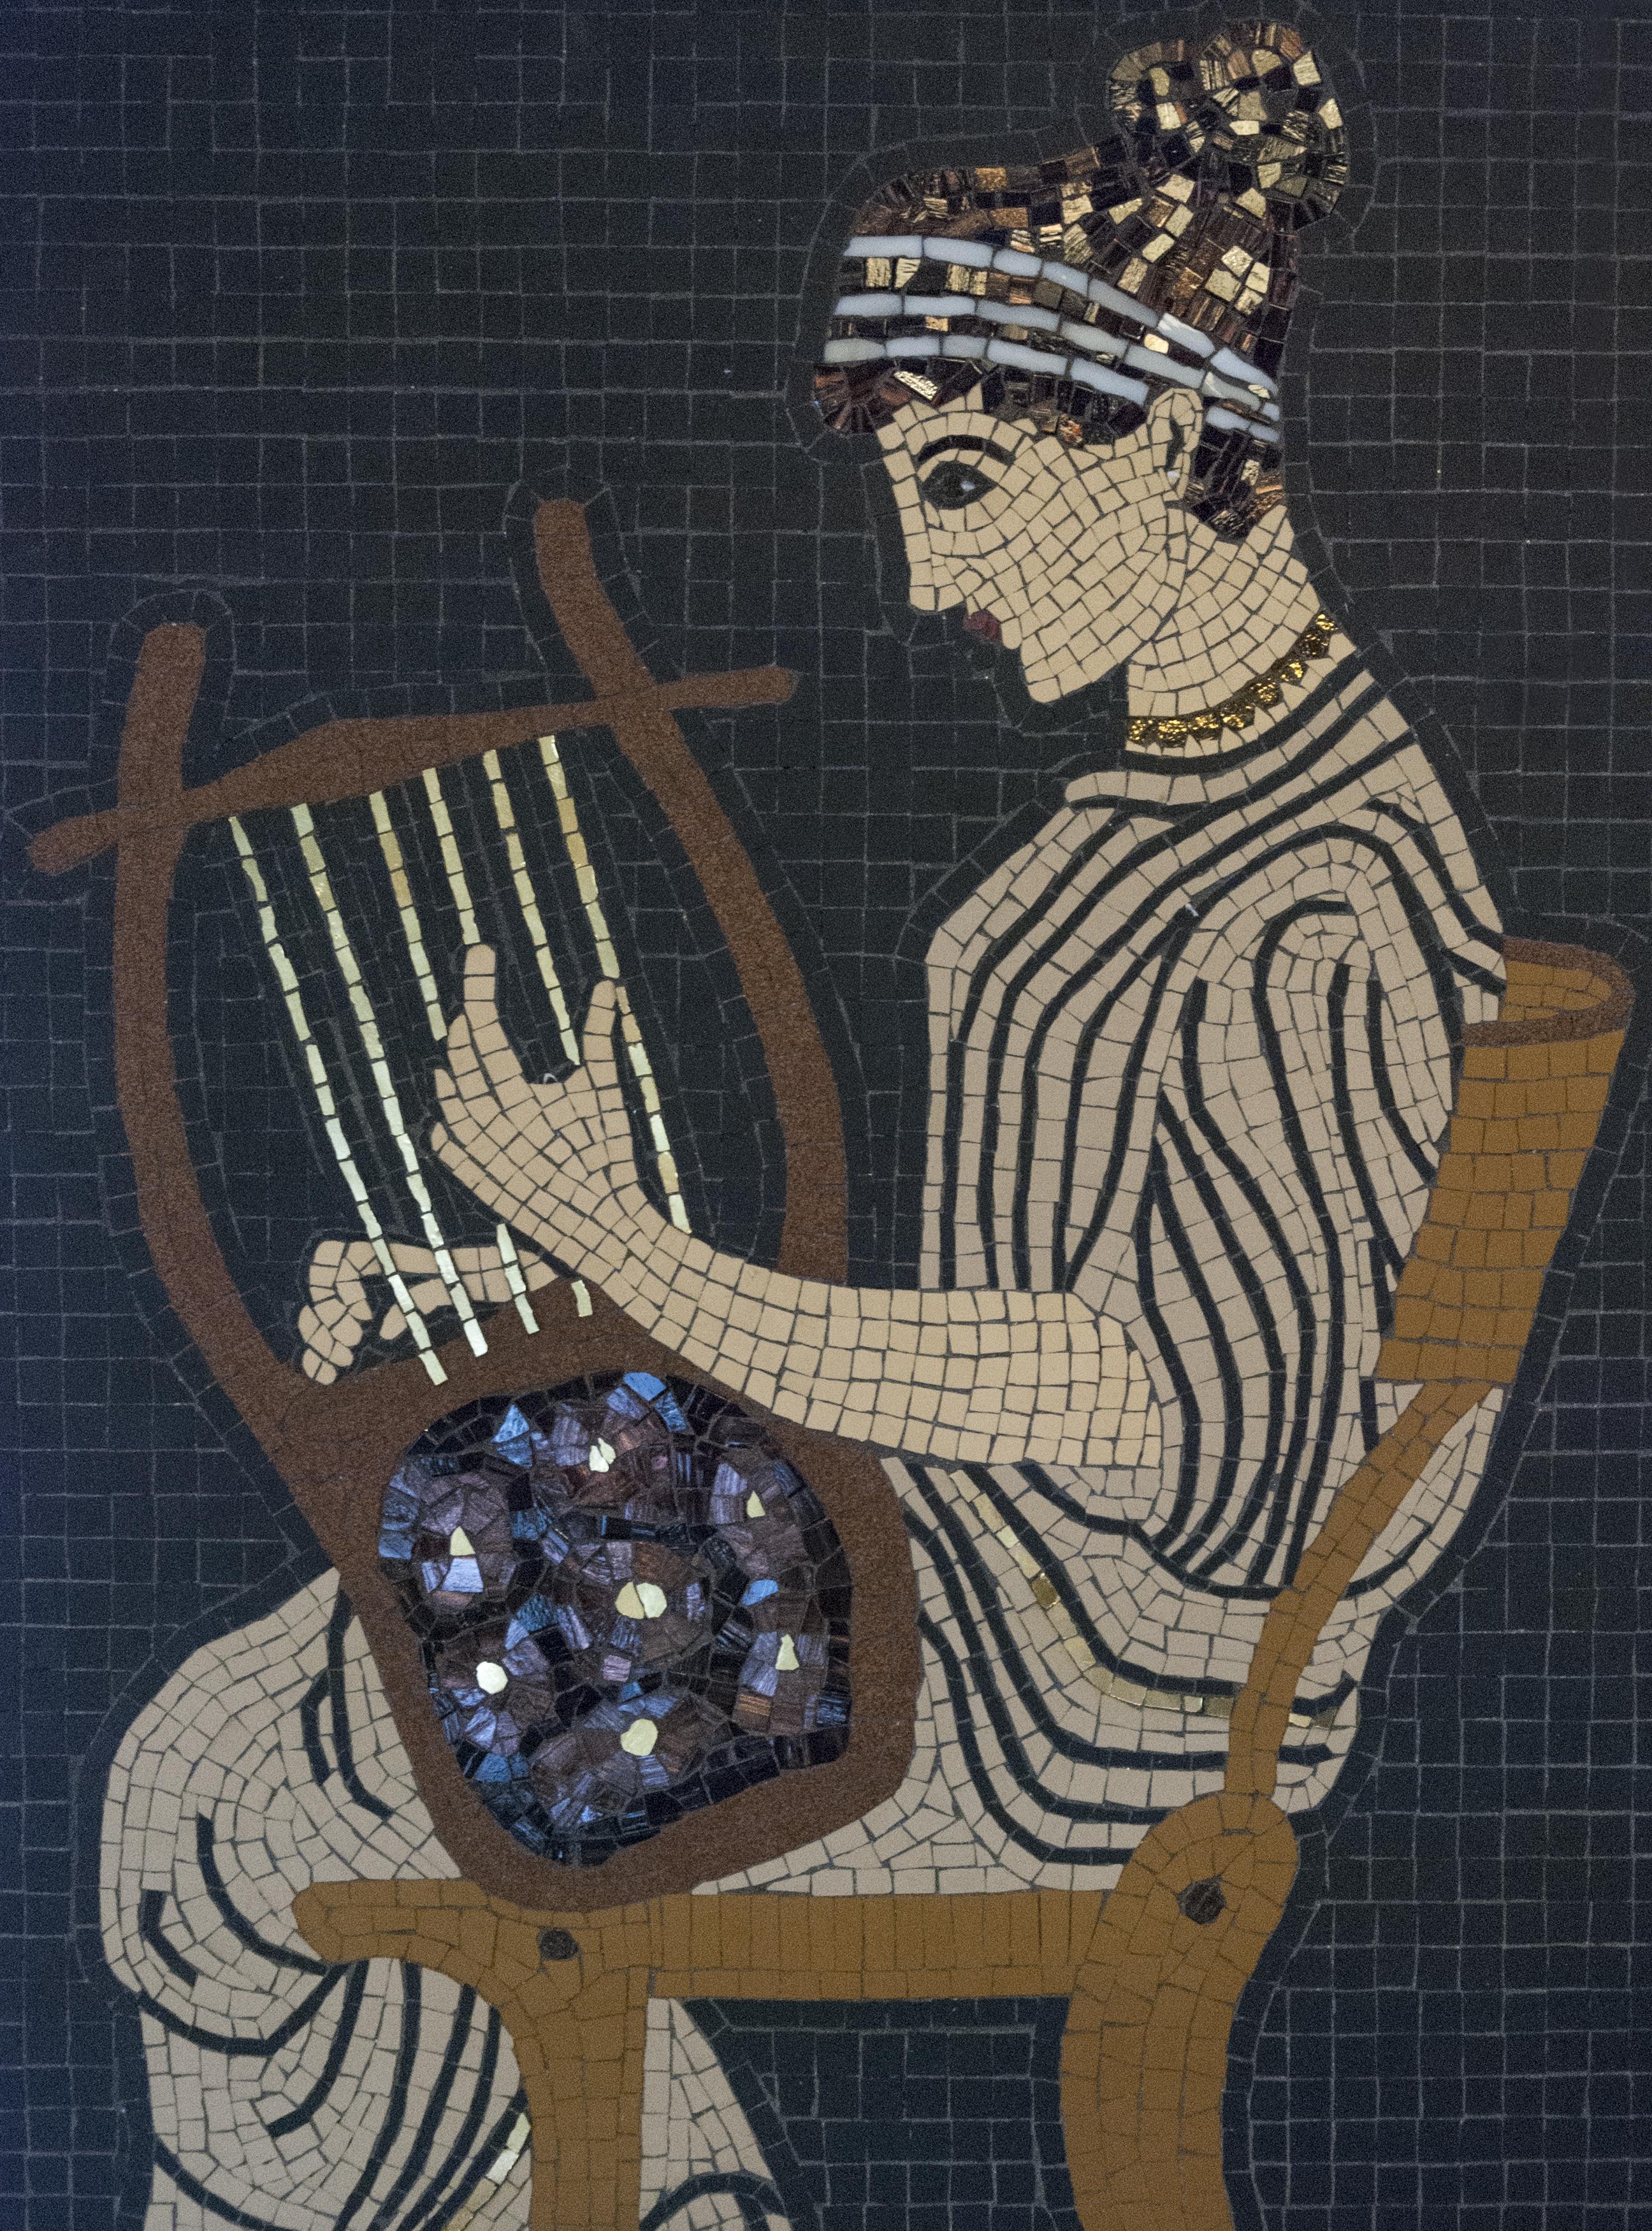 Arpista